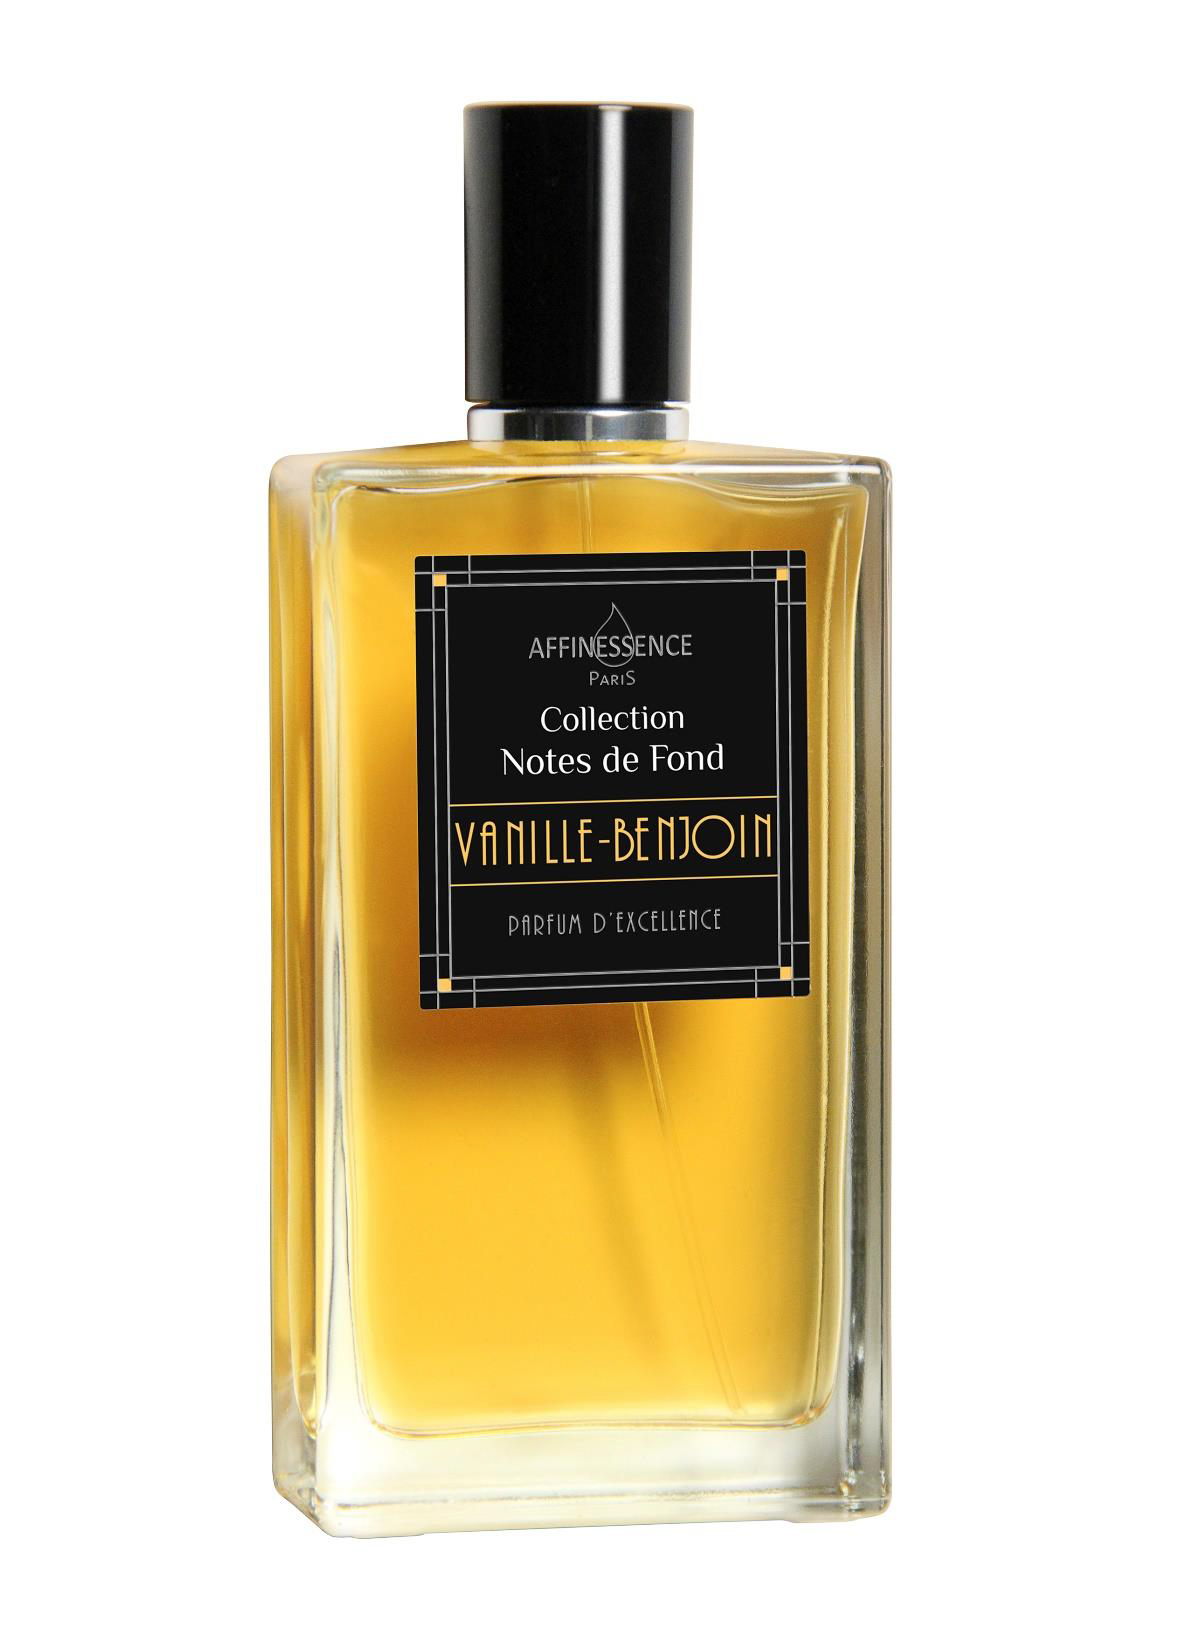 vanille benjoin affinessence parfum un nouveau parfum pour homme et femme 2015. Black Bedroom Furniture Sets. Home Design Ideas